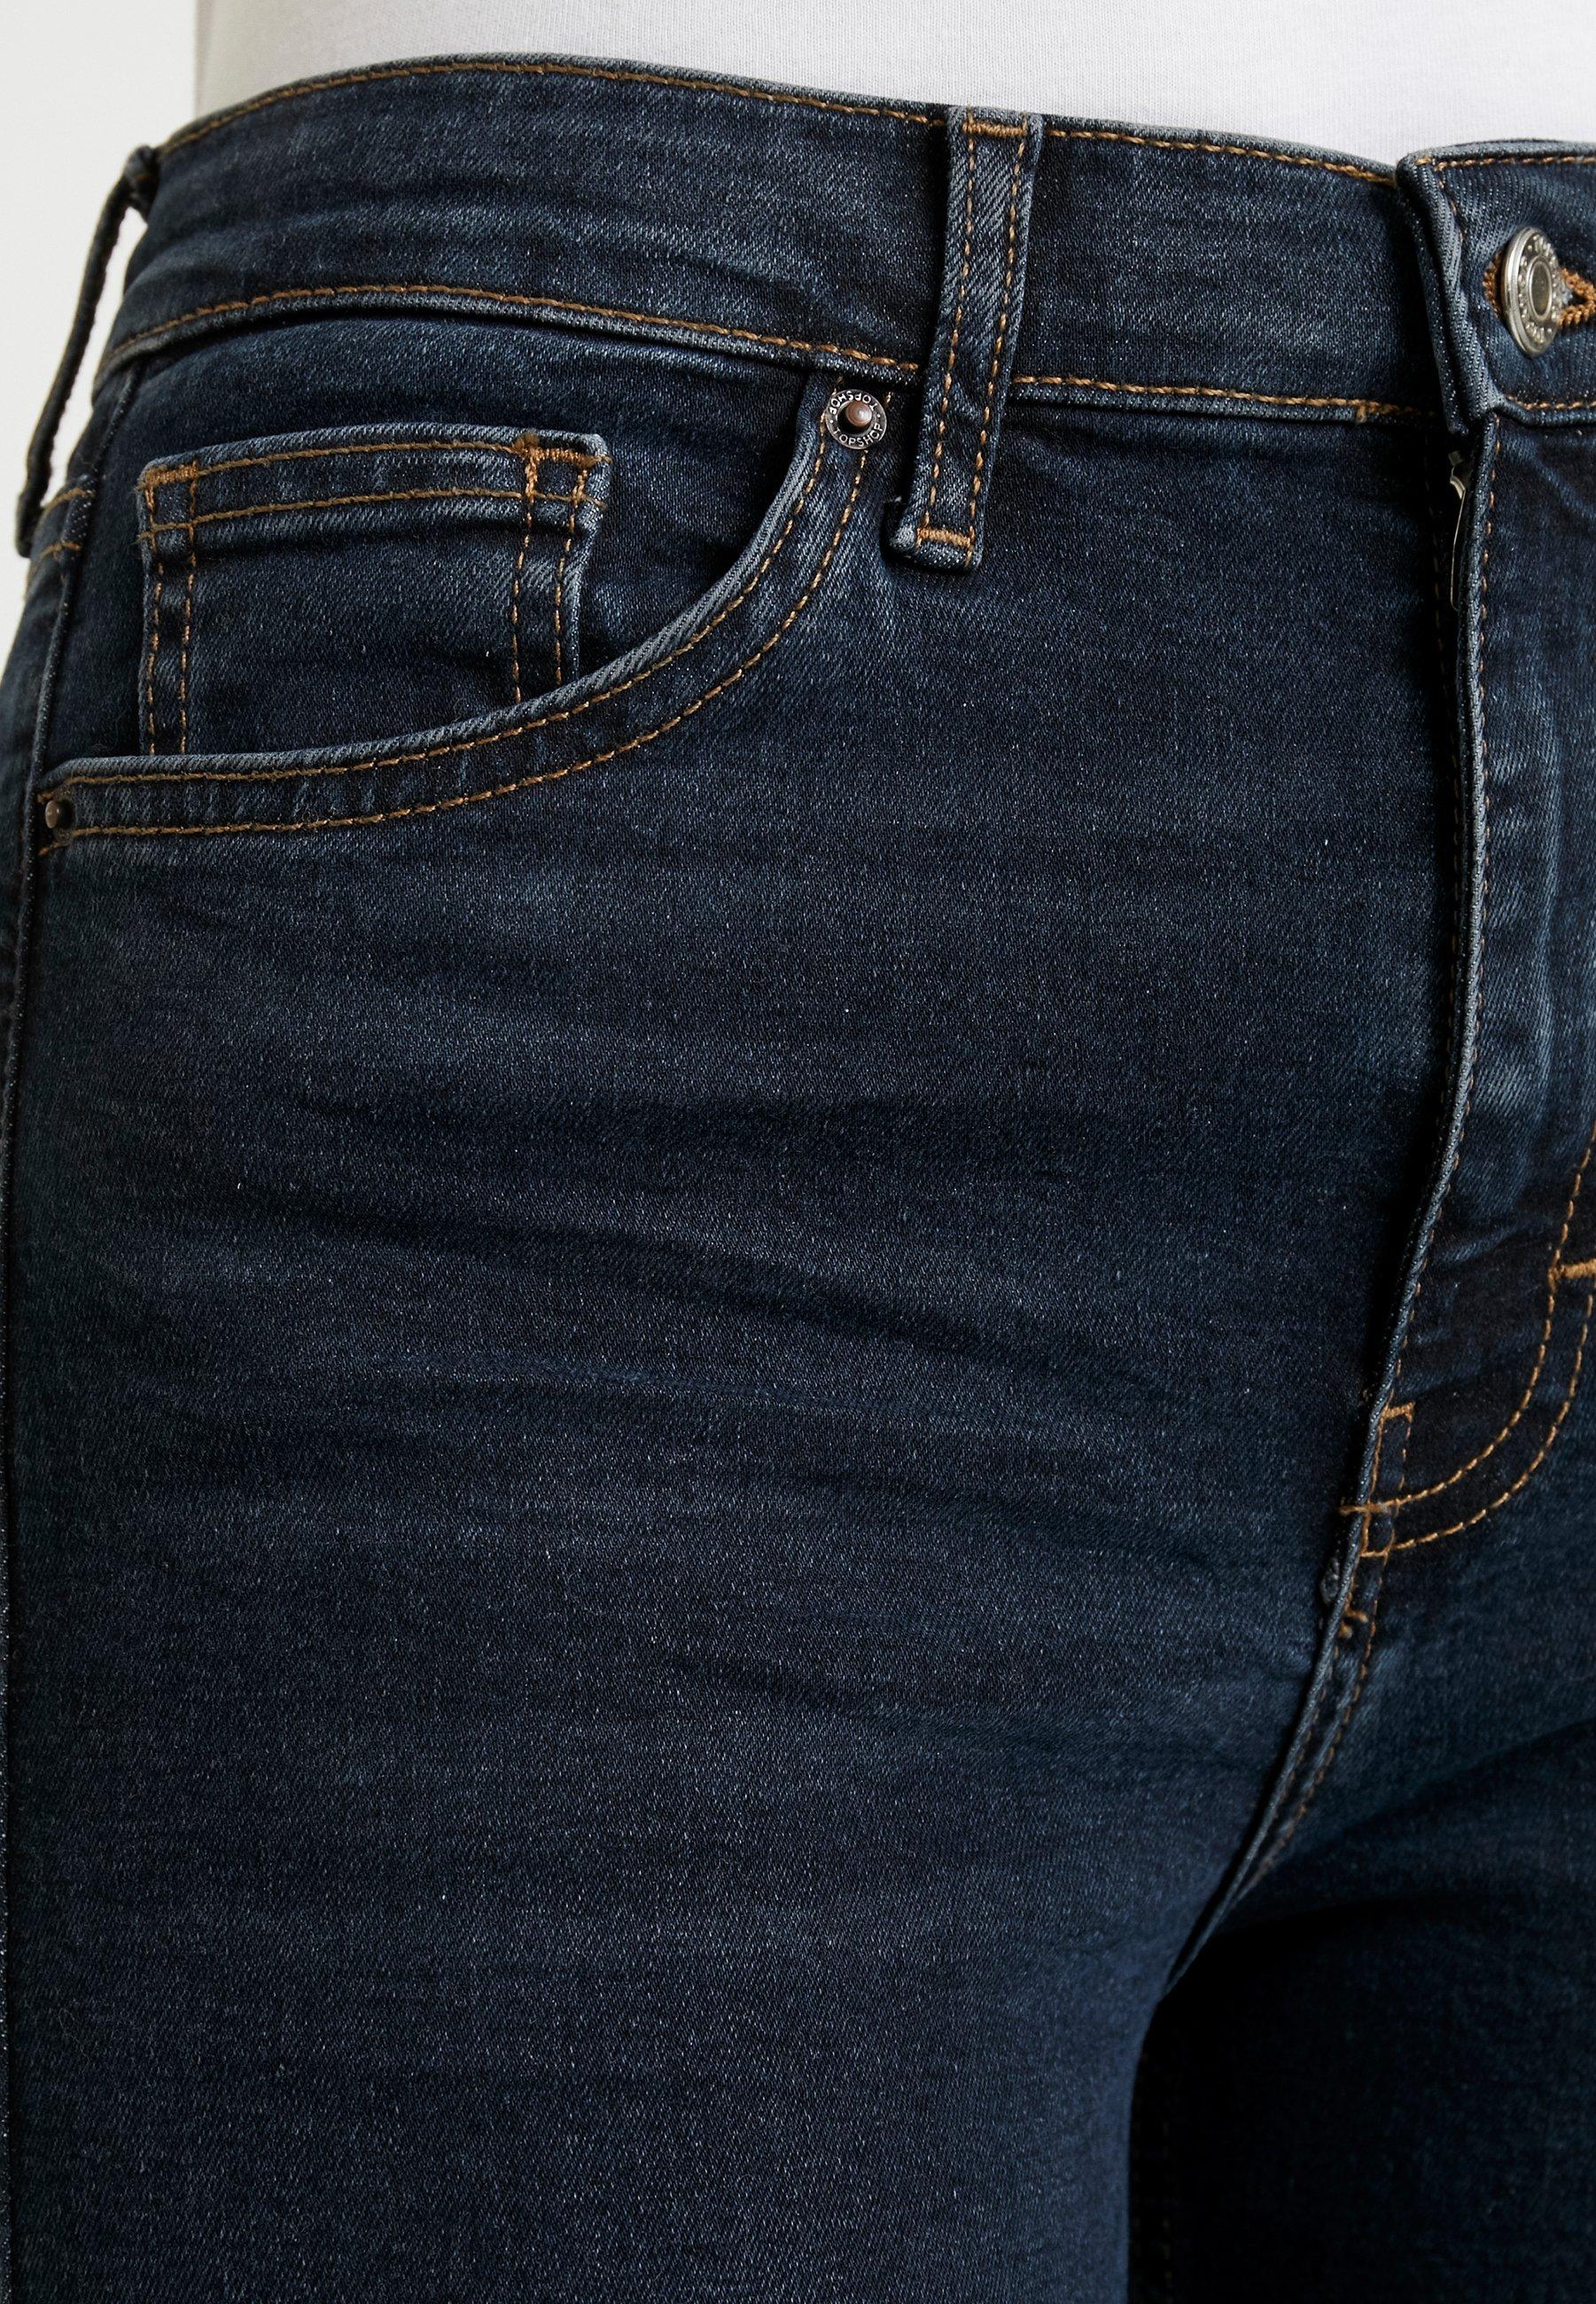 Topshop Jamie - Jeans Skinny Fit Blue Black